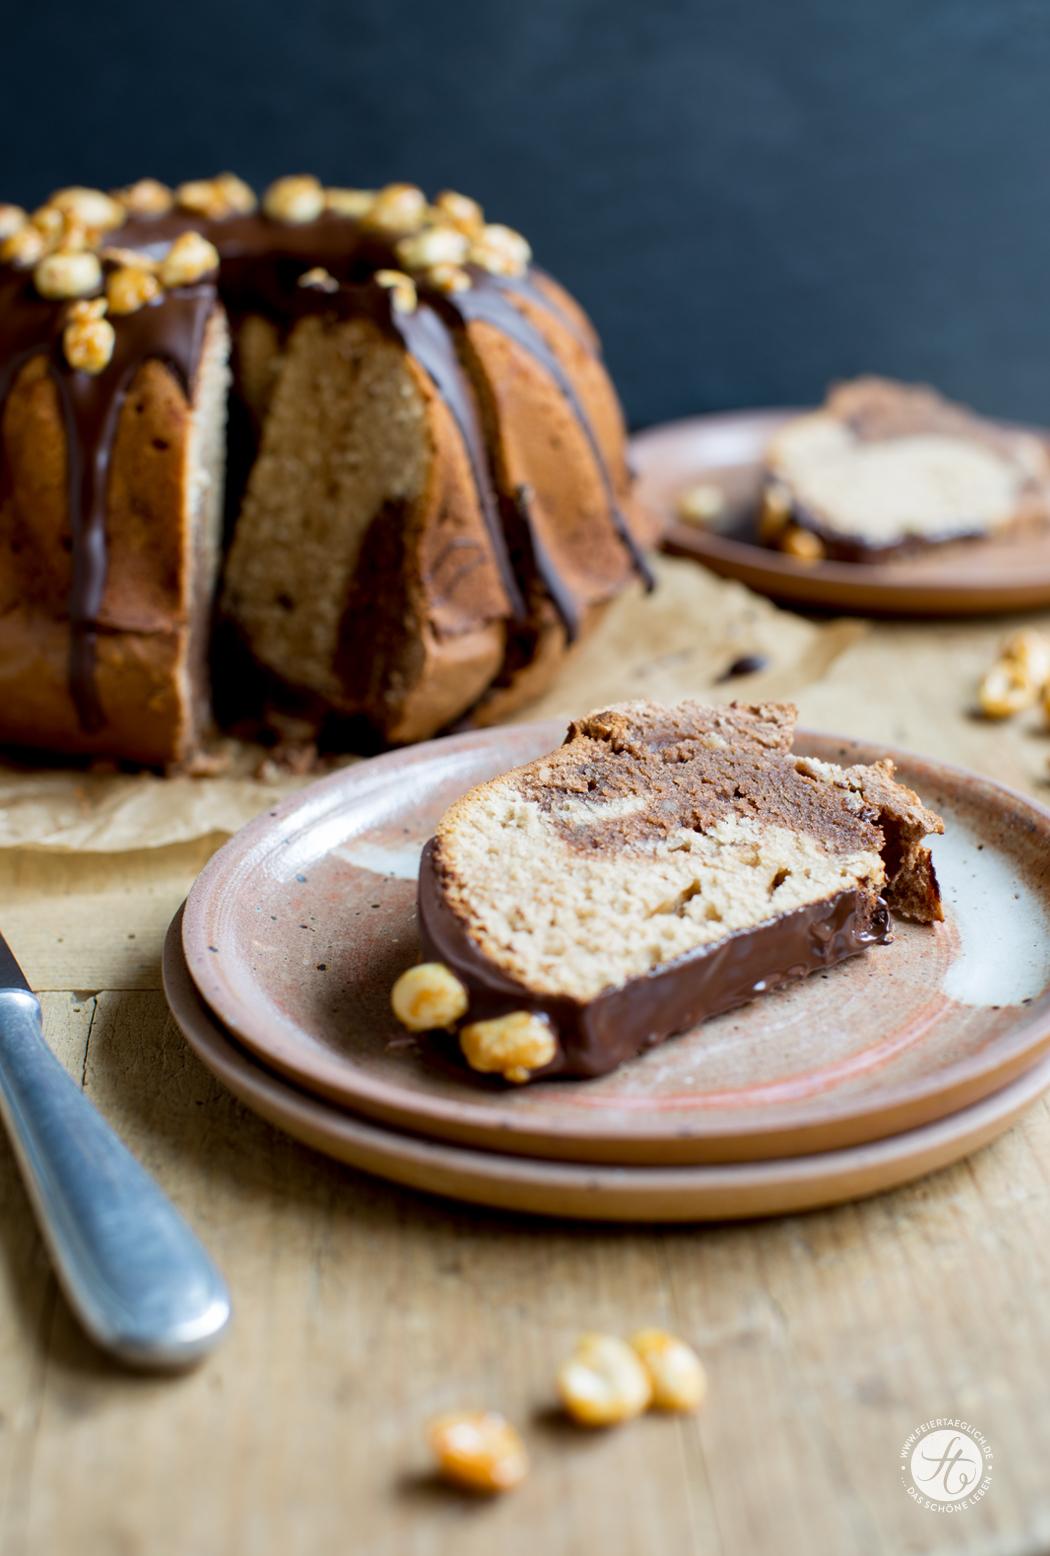 Erdnussbutter-Schoko-Gugel mit karamellisierten Erdnüssen, Rezept Rührkuchen, Gugelhupf